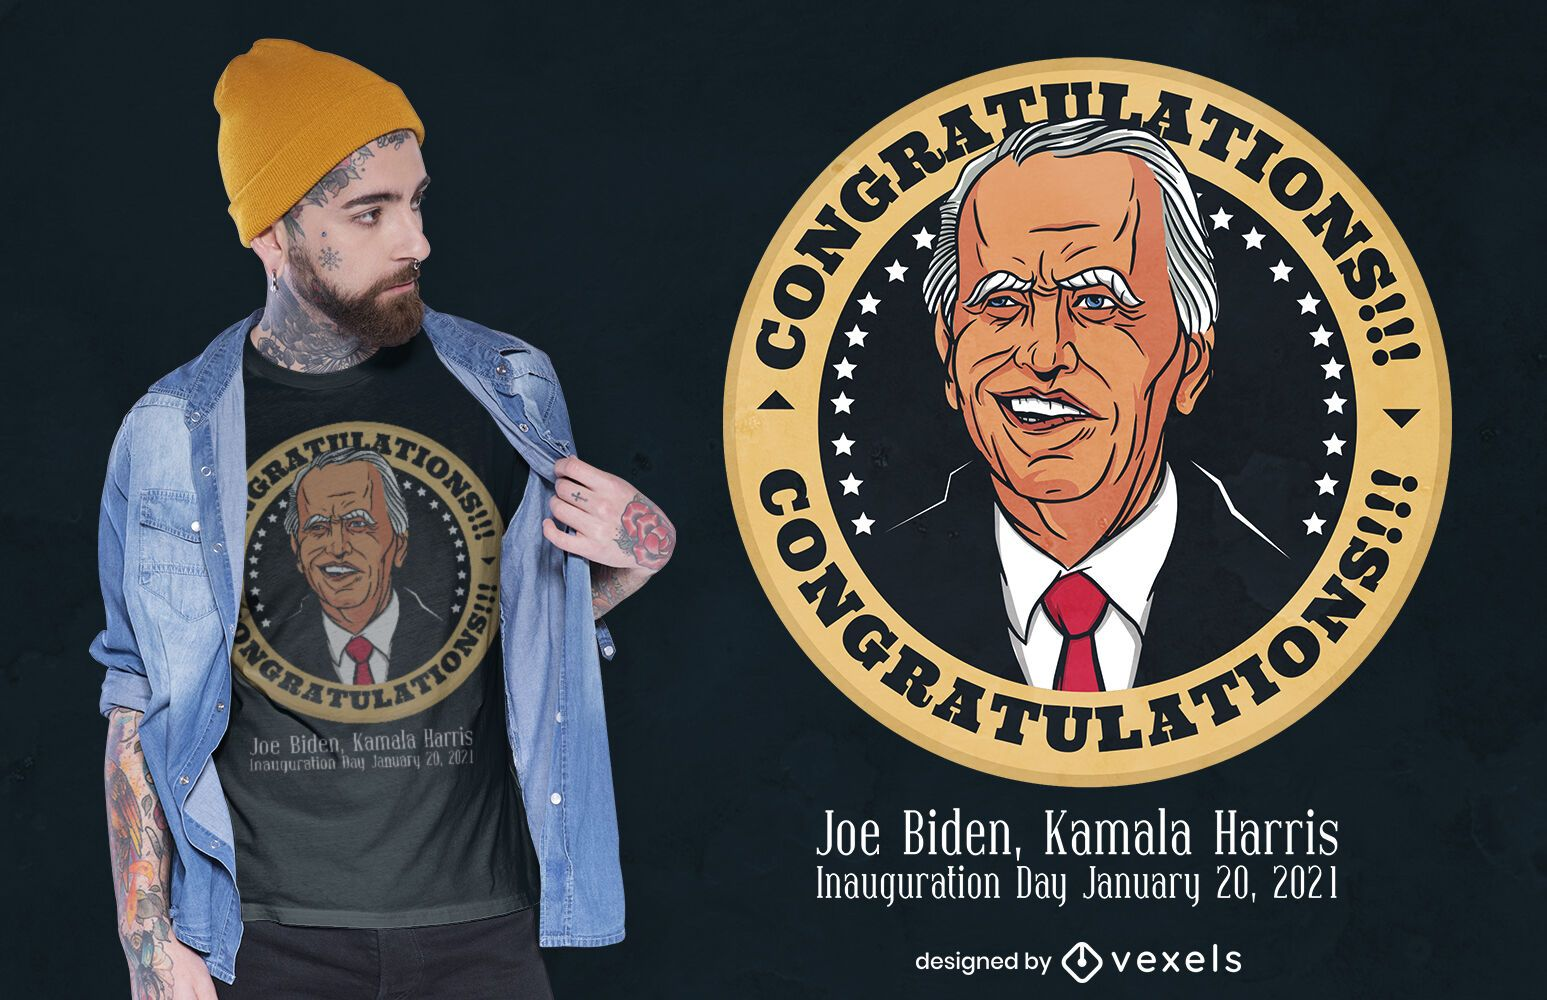 Felicitaciones biden diseño de camiseta